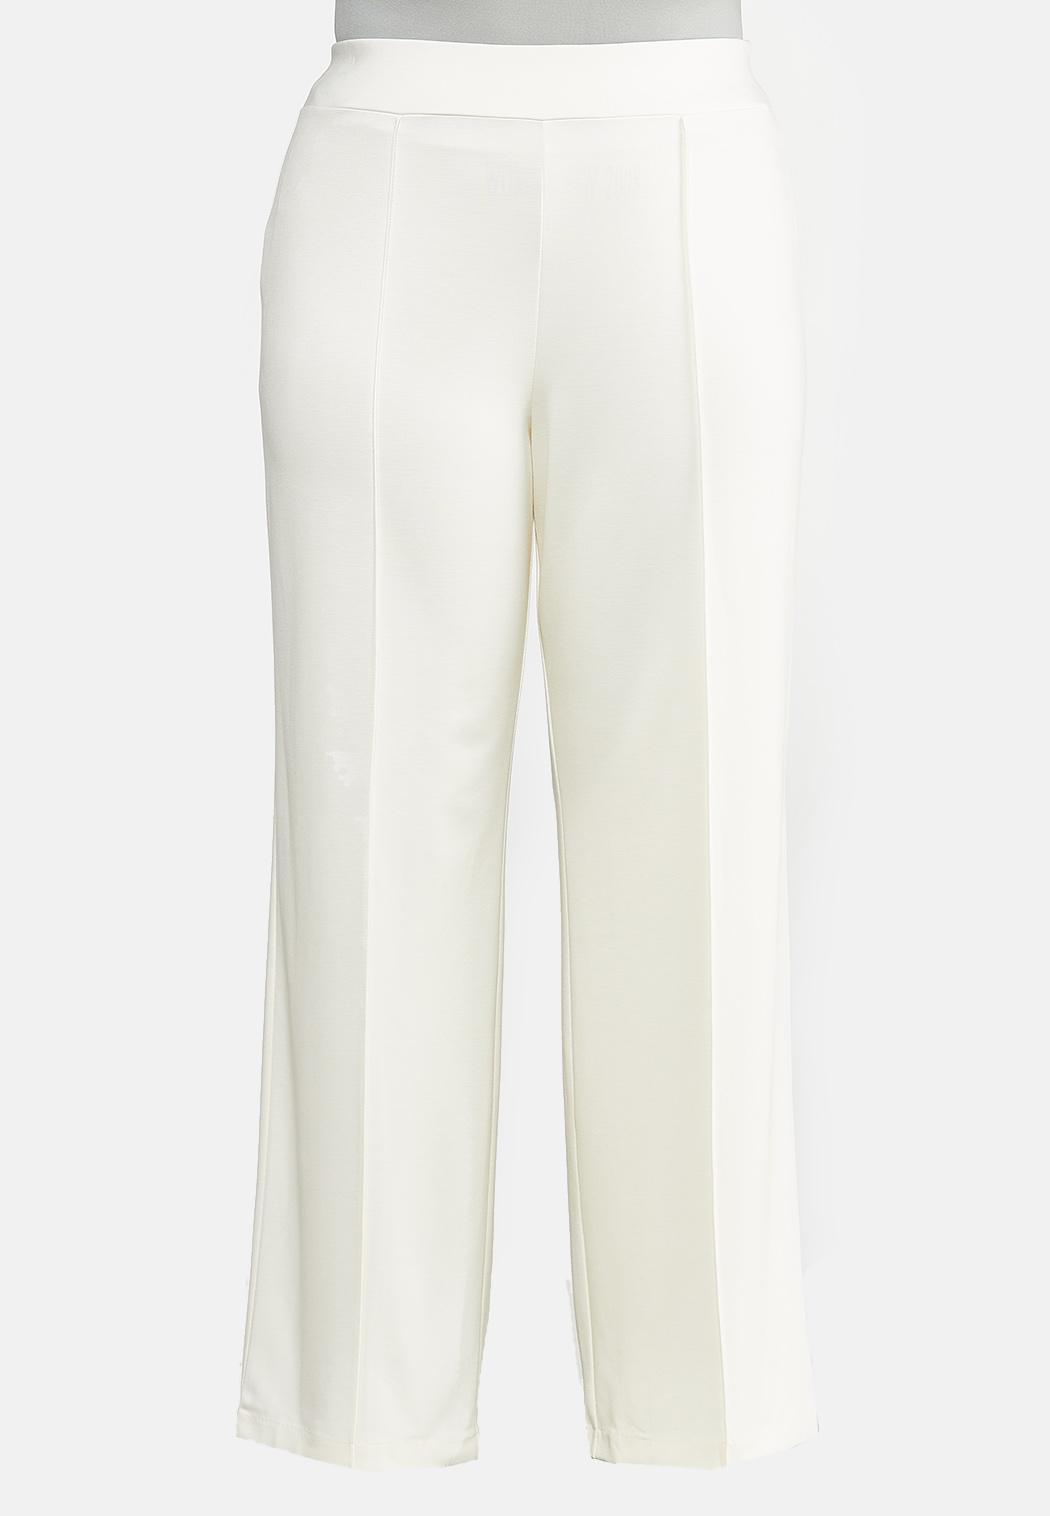 Plus Size Wide Leg Ponte Pants Wide Leg Cato Fashions